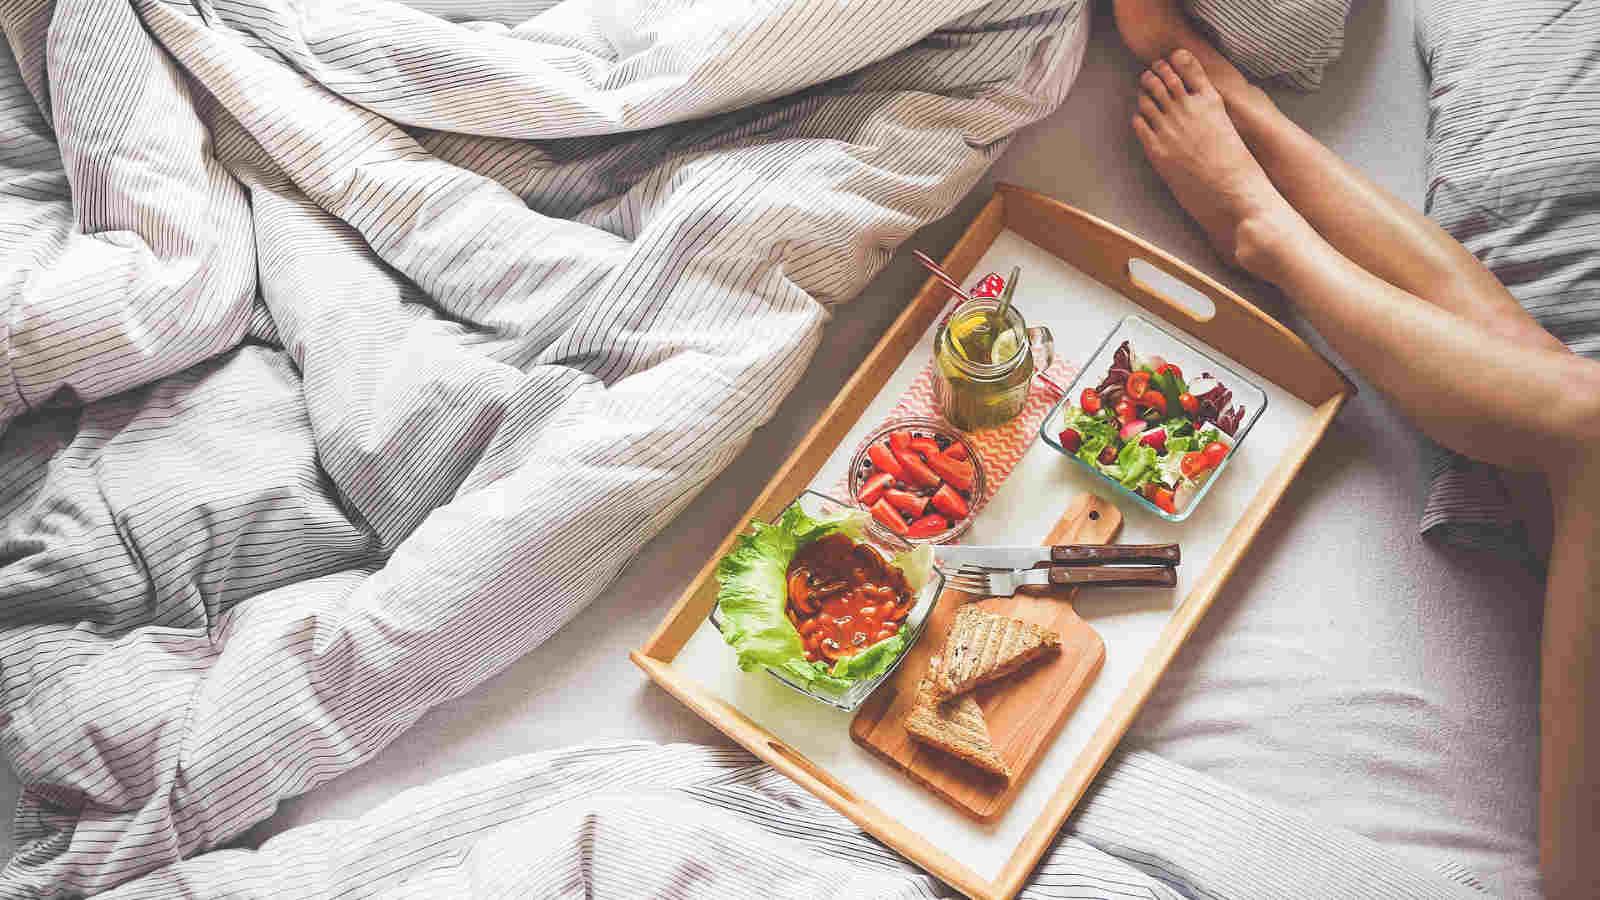 Fettverbrennung im Schlaf gezielt unterstützen- Mit einfachen Mitteln und Low-Carb-Gerichten im Schlaf lästige Pfunde verlieren